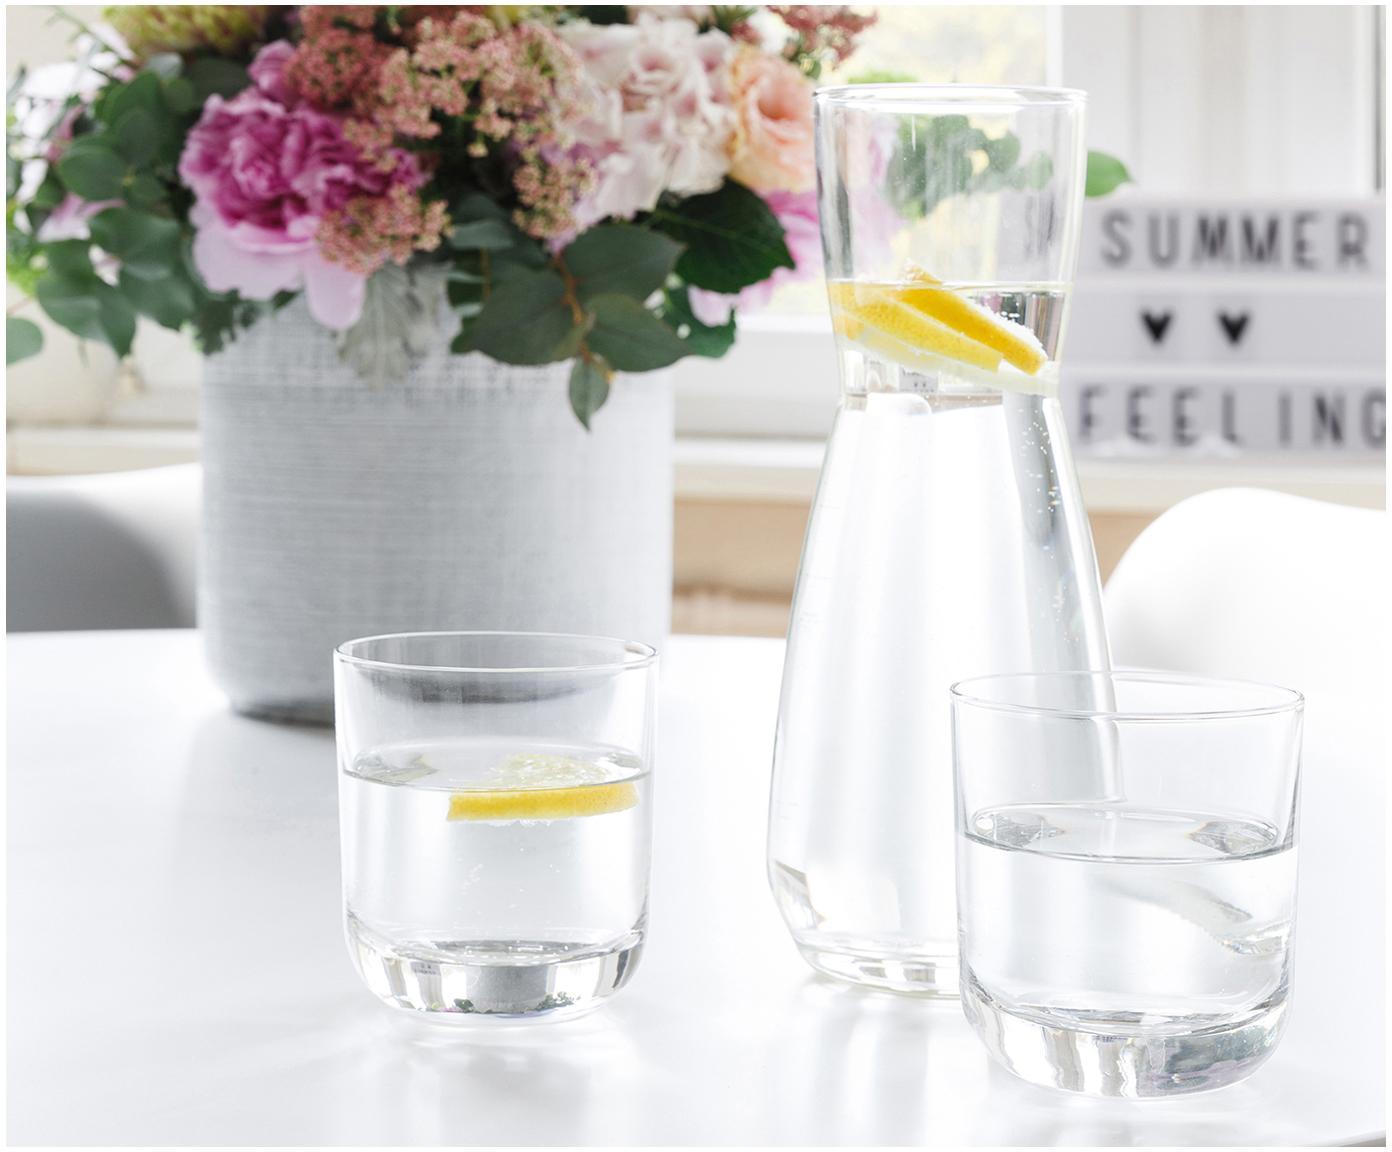 Kryształowa szklanka z cienkiego szkła  Harmony, 6 szt., Szkło kryształowe o najwyższym połysku, szczególnie widocznym poprzez odbijanie światła, Transparentny, 300 ml